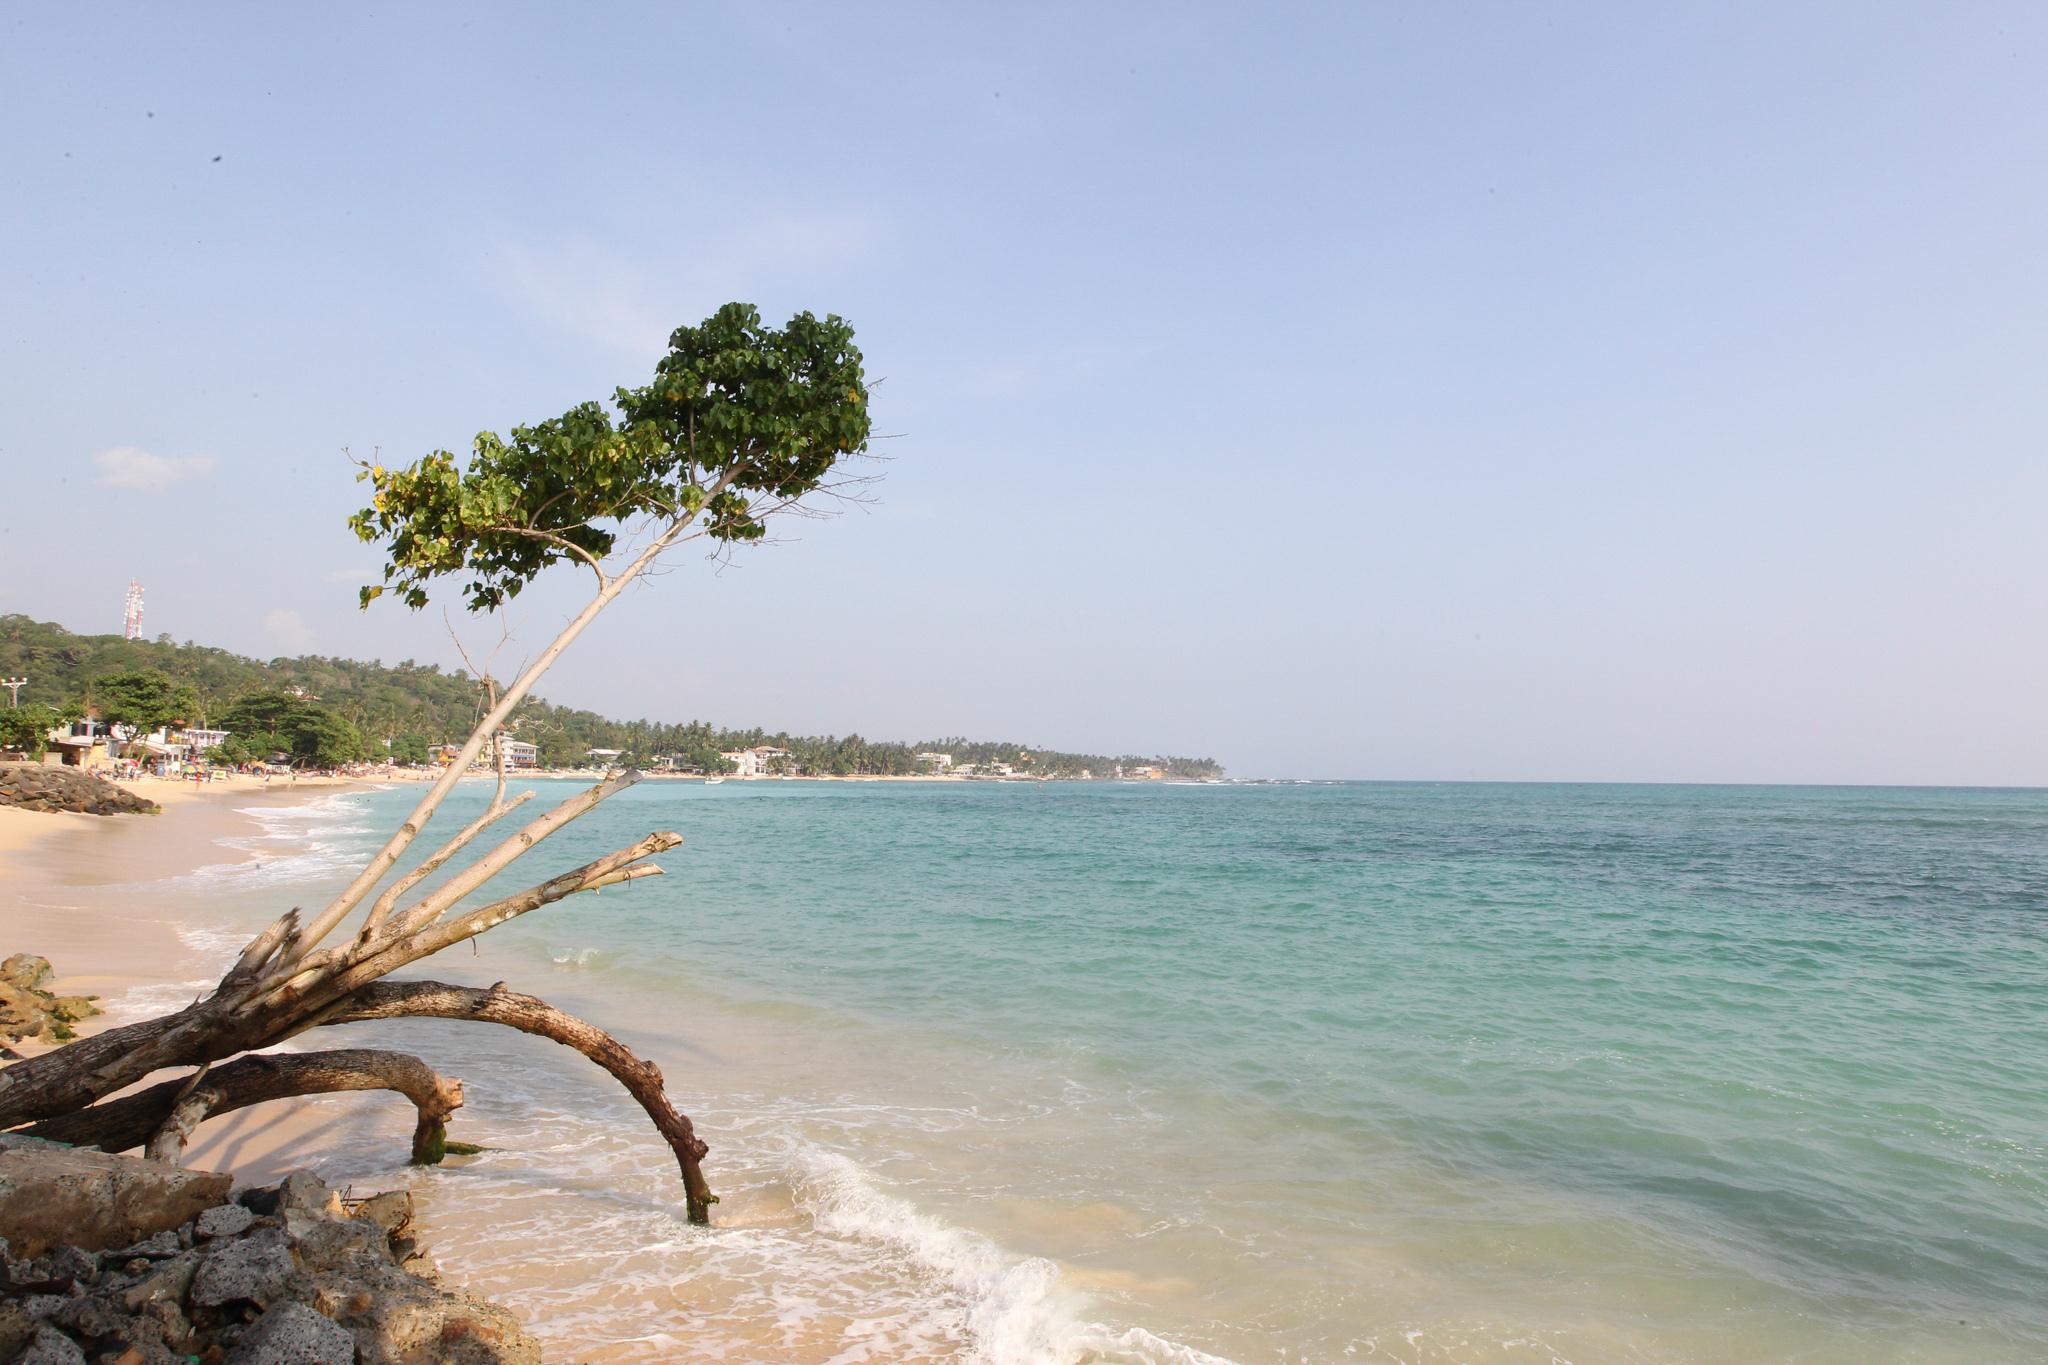 A peaceful sunbathing spot